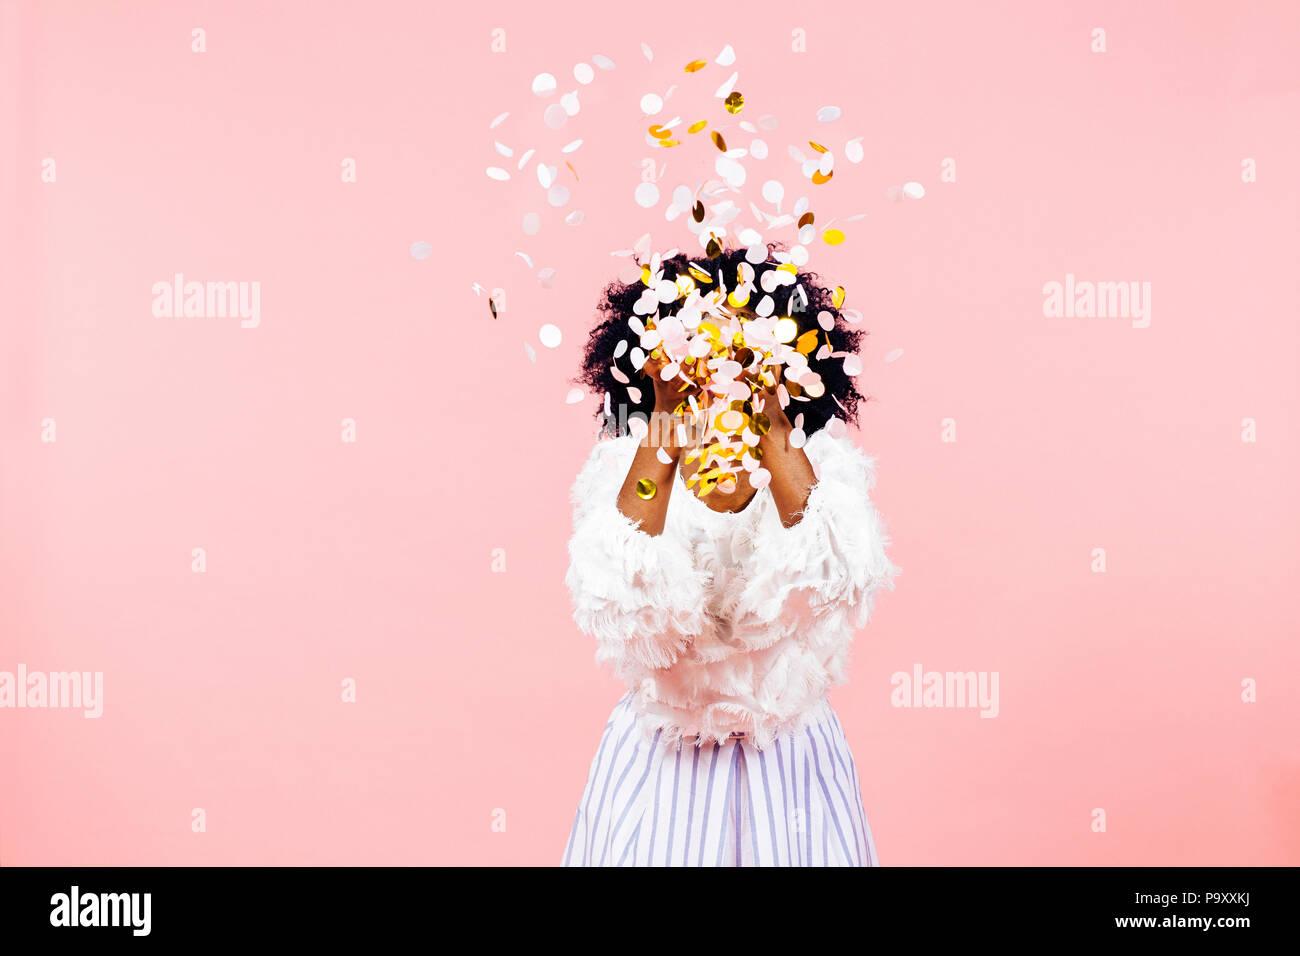 Jet de confettis- célébrer le bonheur Photo Stock